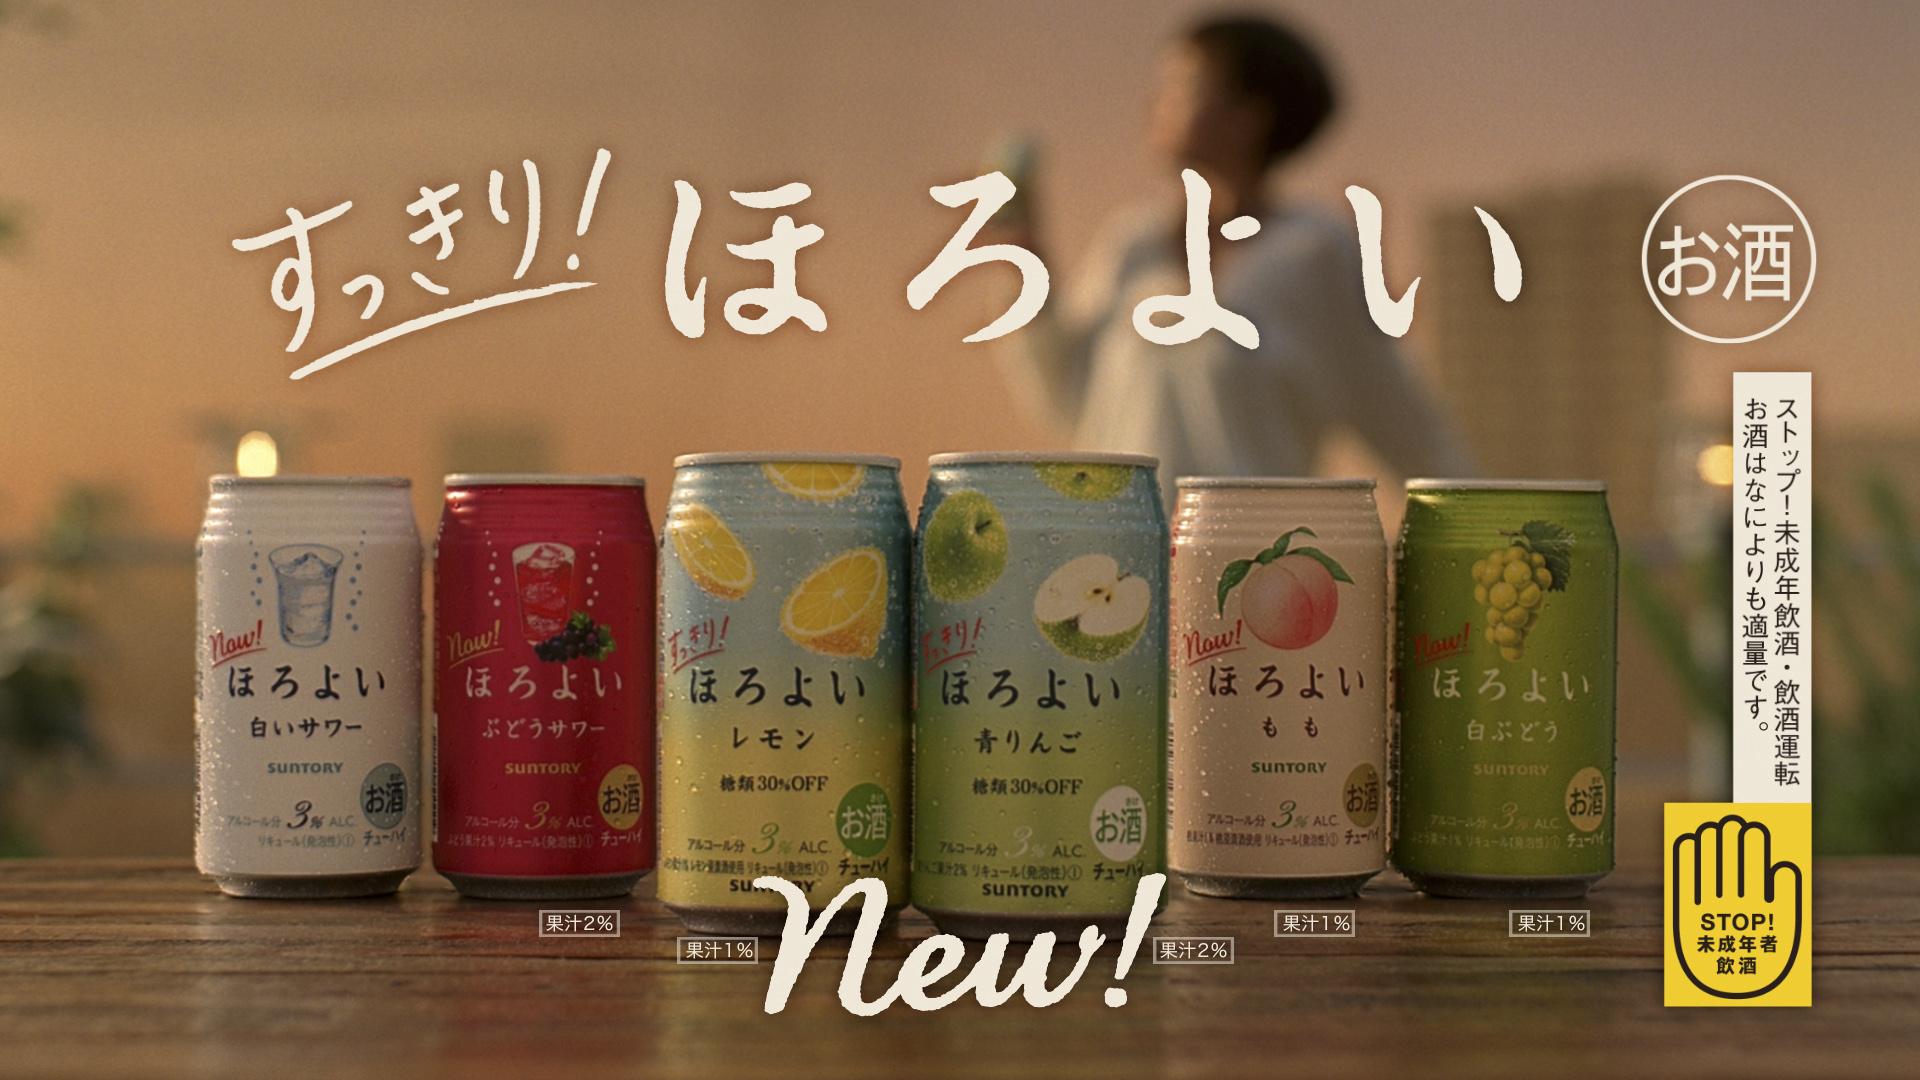 ほろよい「sukkiri horoyoi erika」篇 15秒 沢尻エリカ サントリー CM 3